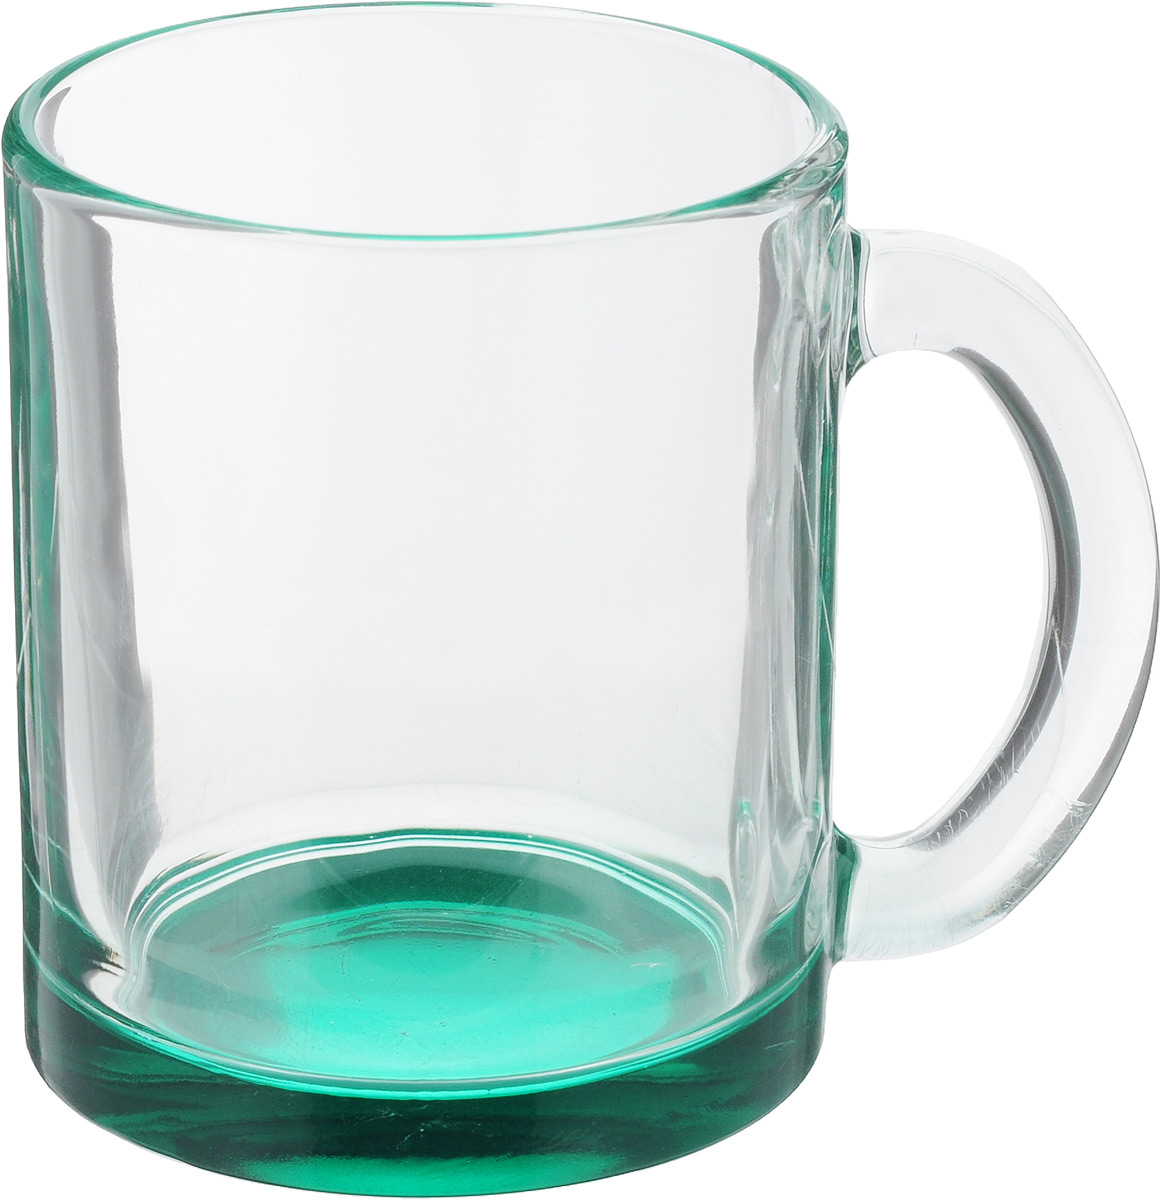 Кружка OSZ Чайная, цвет: прозрачный, бирюзовый, 320 мл04C1208LM_прозрачный, бирюзовыйКружка OSZ Чайная изготовлена из стекла двух цветов. Изделие идеально подходит для сервировки стола.Кружка не только украсит ваш кухонный стол, но и подчеркнет прекрасный вкус хозяйки. Диаметр кружки (по верхнему краю): 8 см. Высота кружки: 9,5 см. Объем кружки: 320 мл.